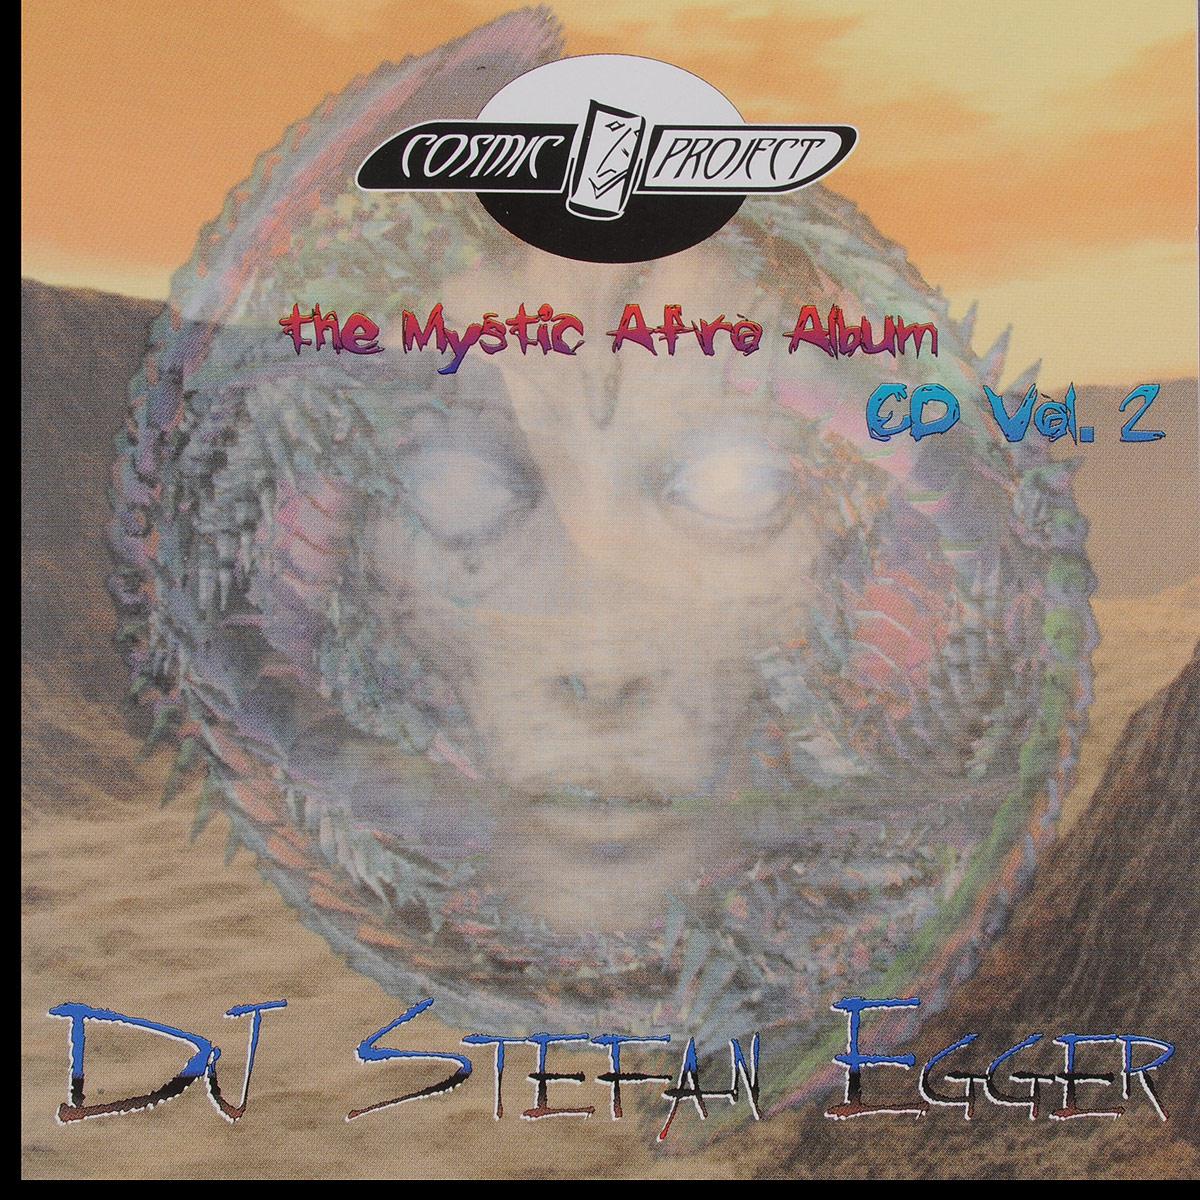 лучшая цена Stefan Egger / DJ Stefan Egger Dj Stefan Egger. Cosmic Project Vol. 2